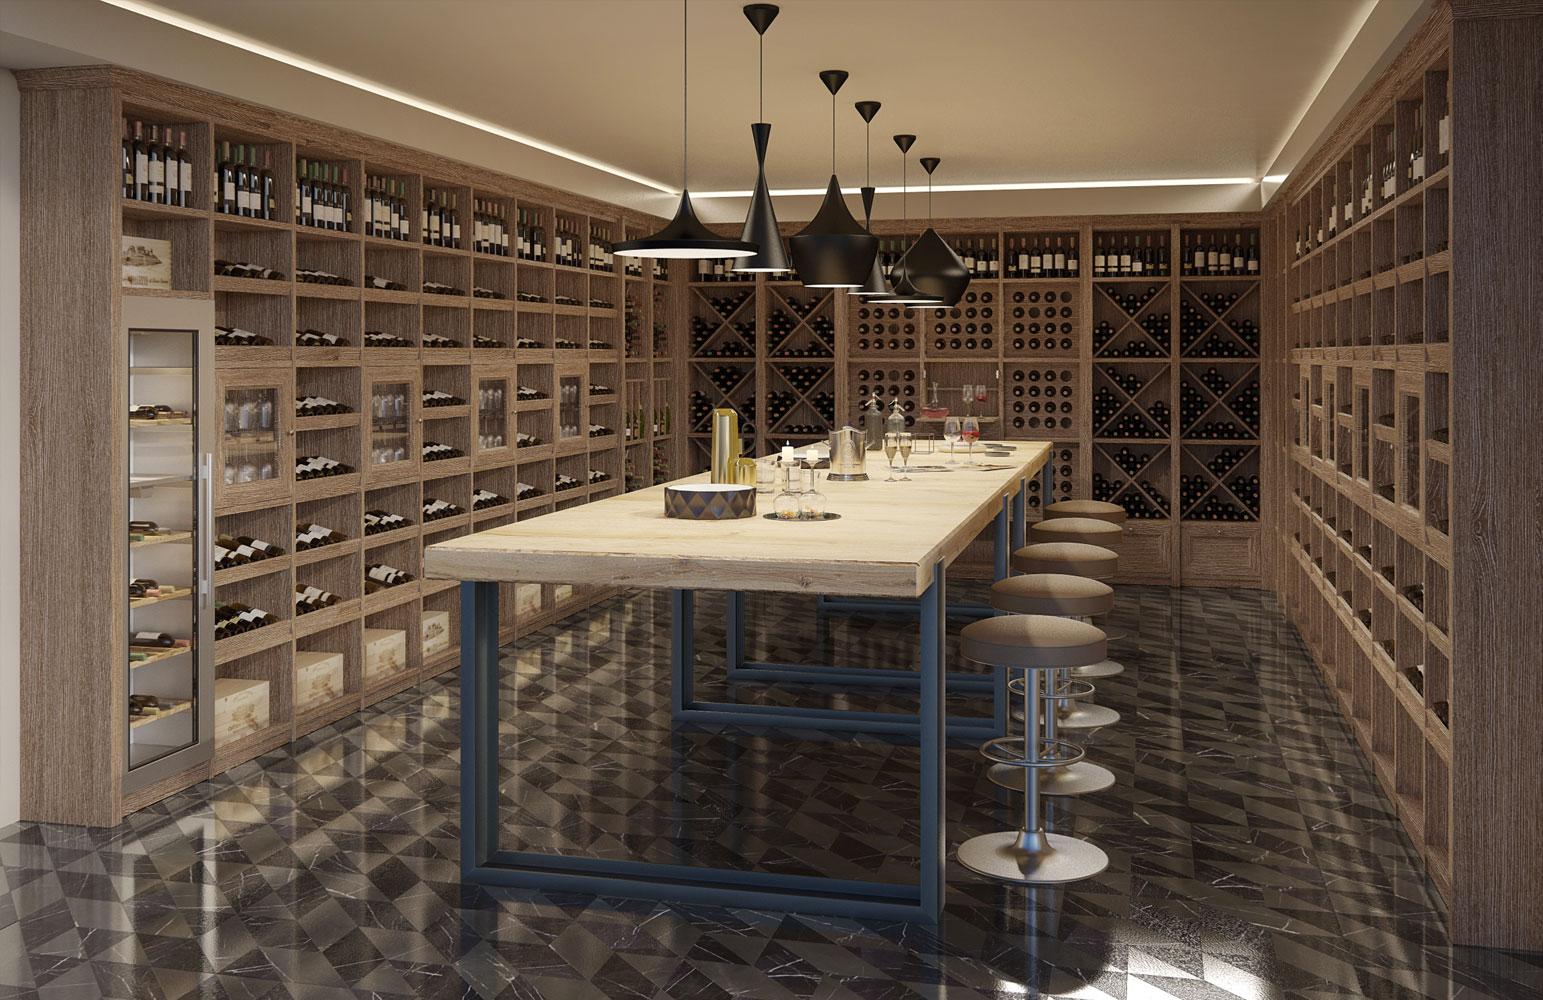 Arredamento enoteca cantina mobili per wine bar le for Arredamento enoteca